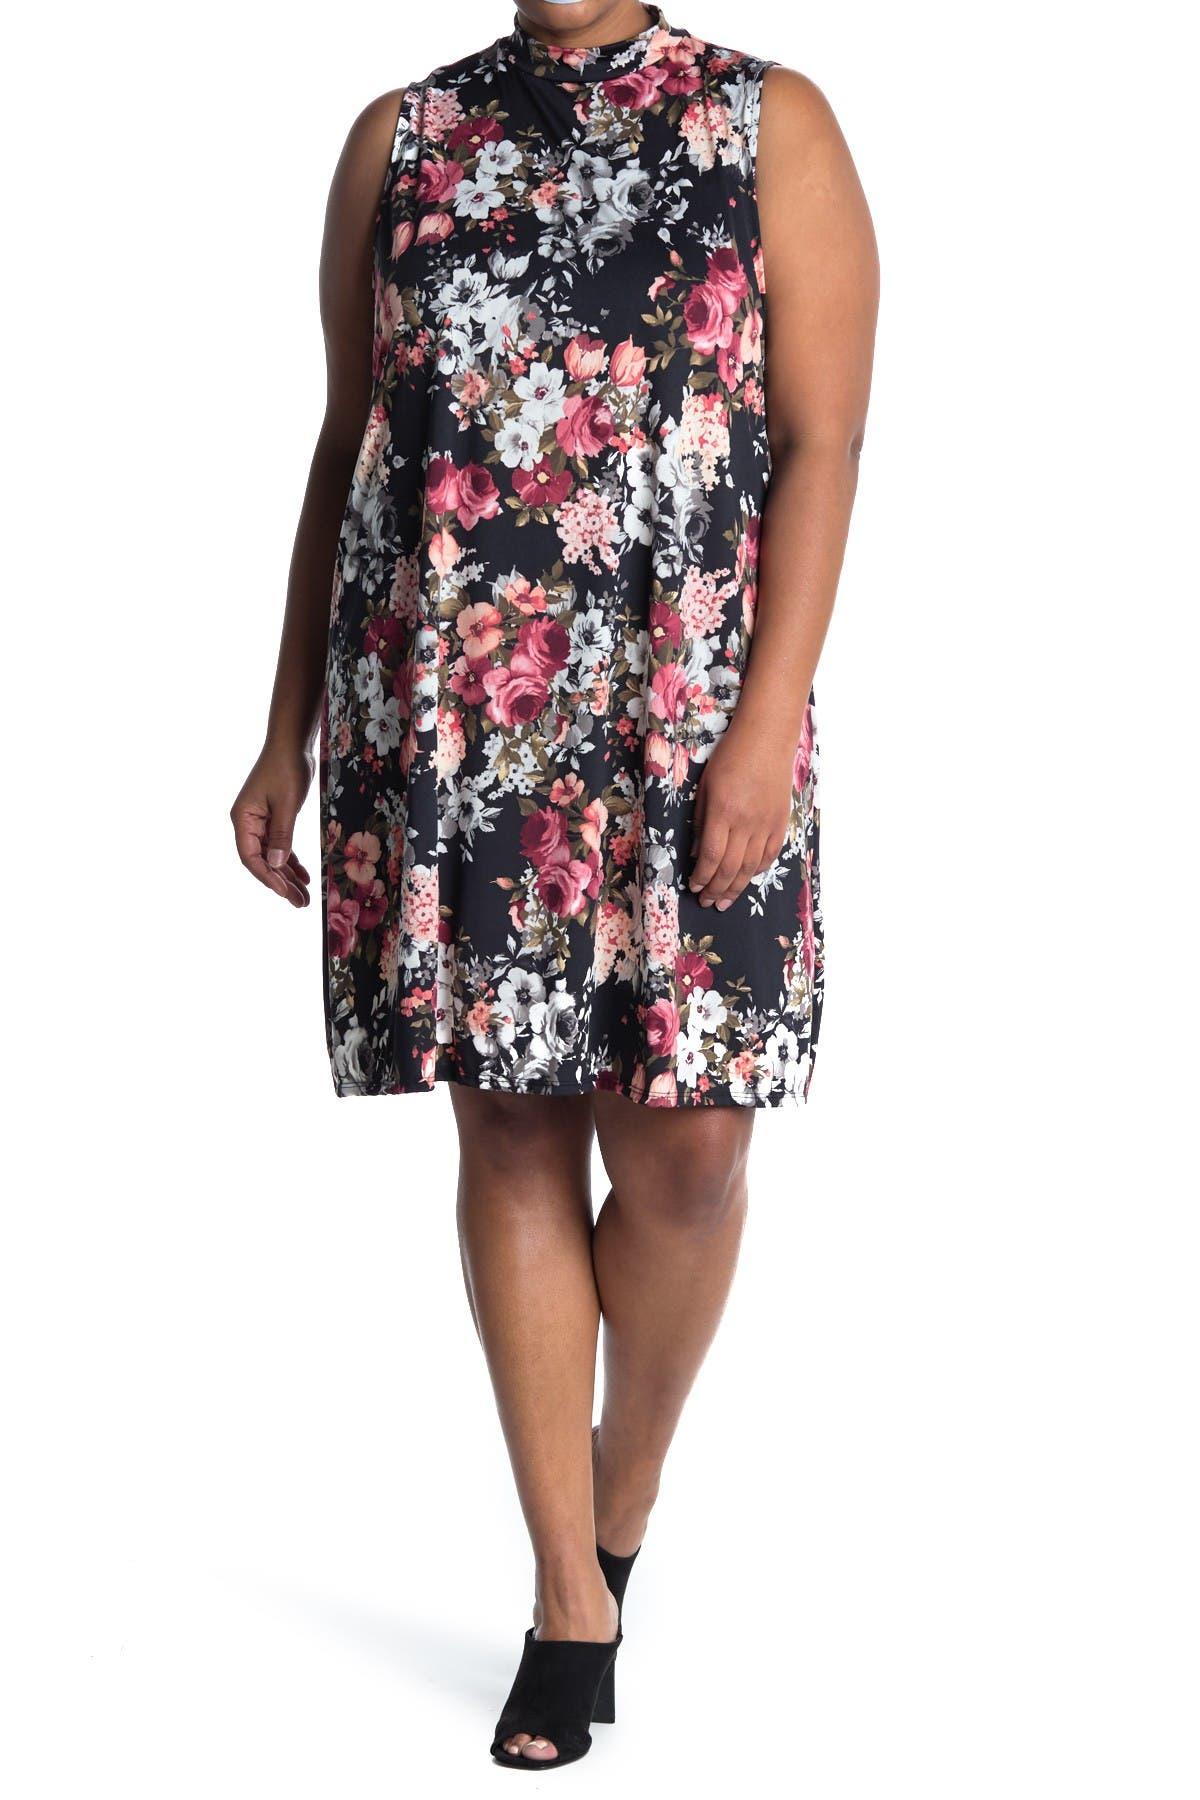 Image of TASH + SOPHIE Floral Sleeveless Mock Neck Dress